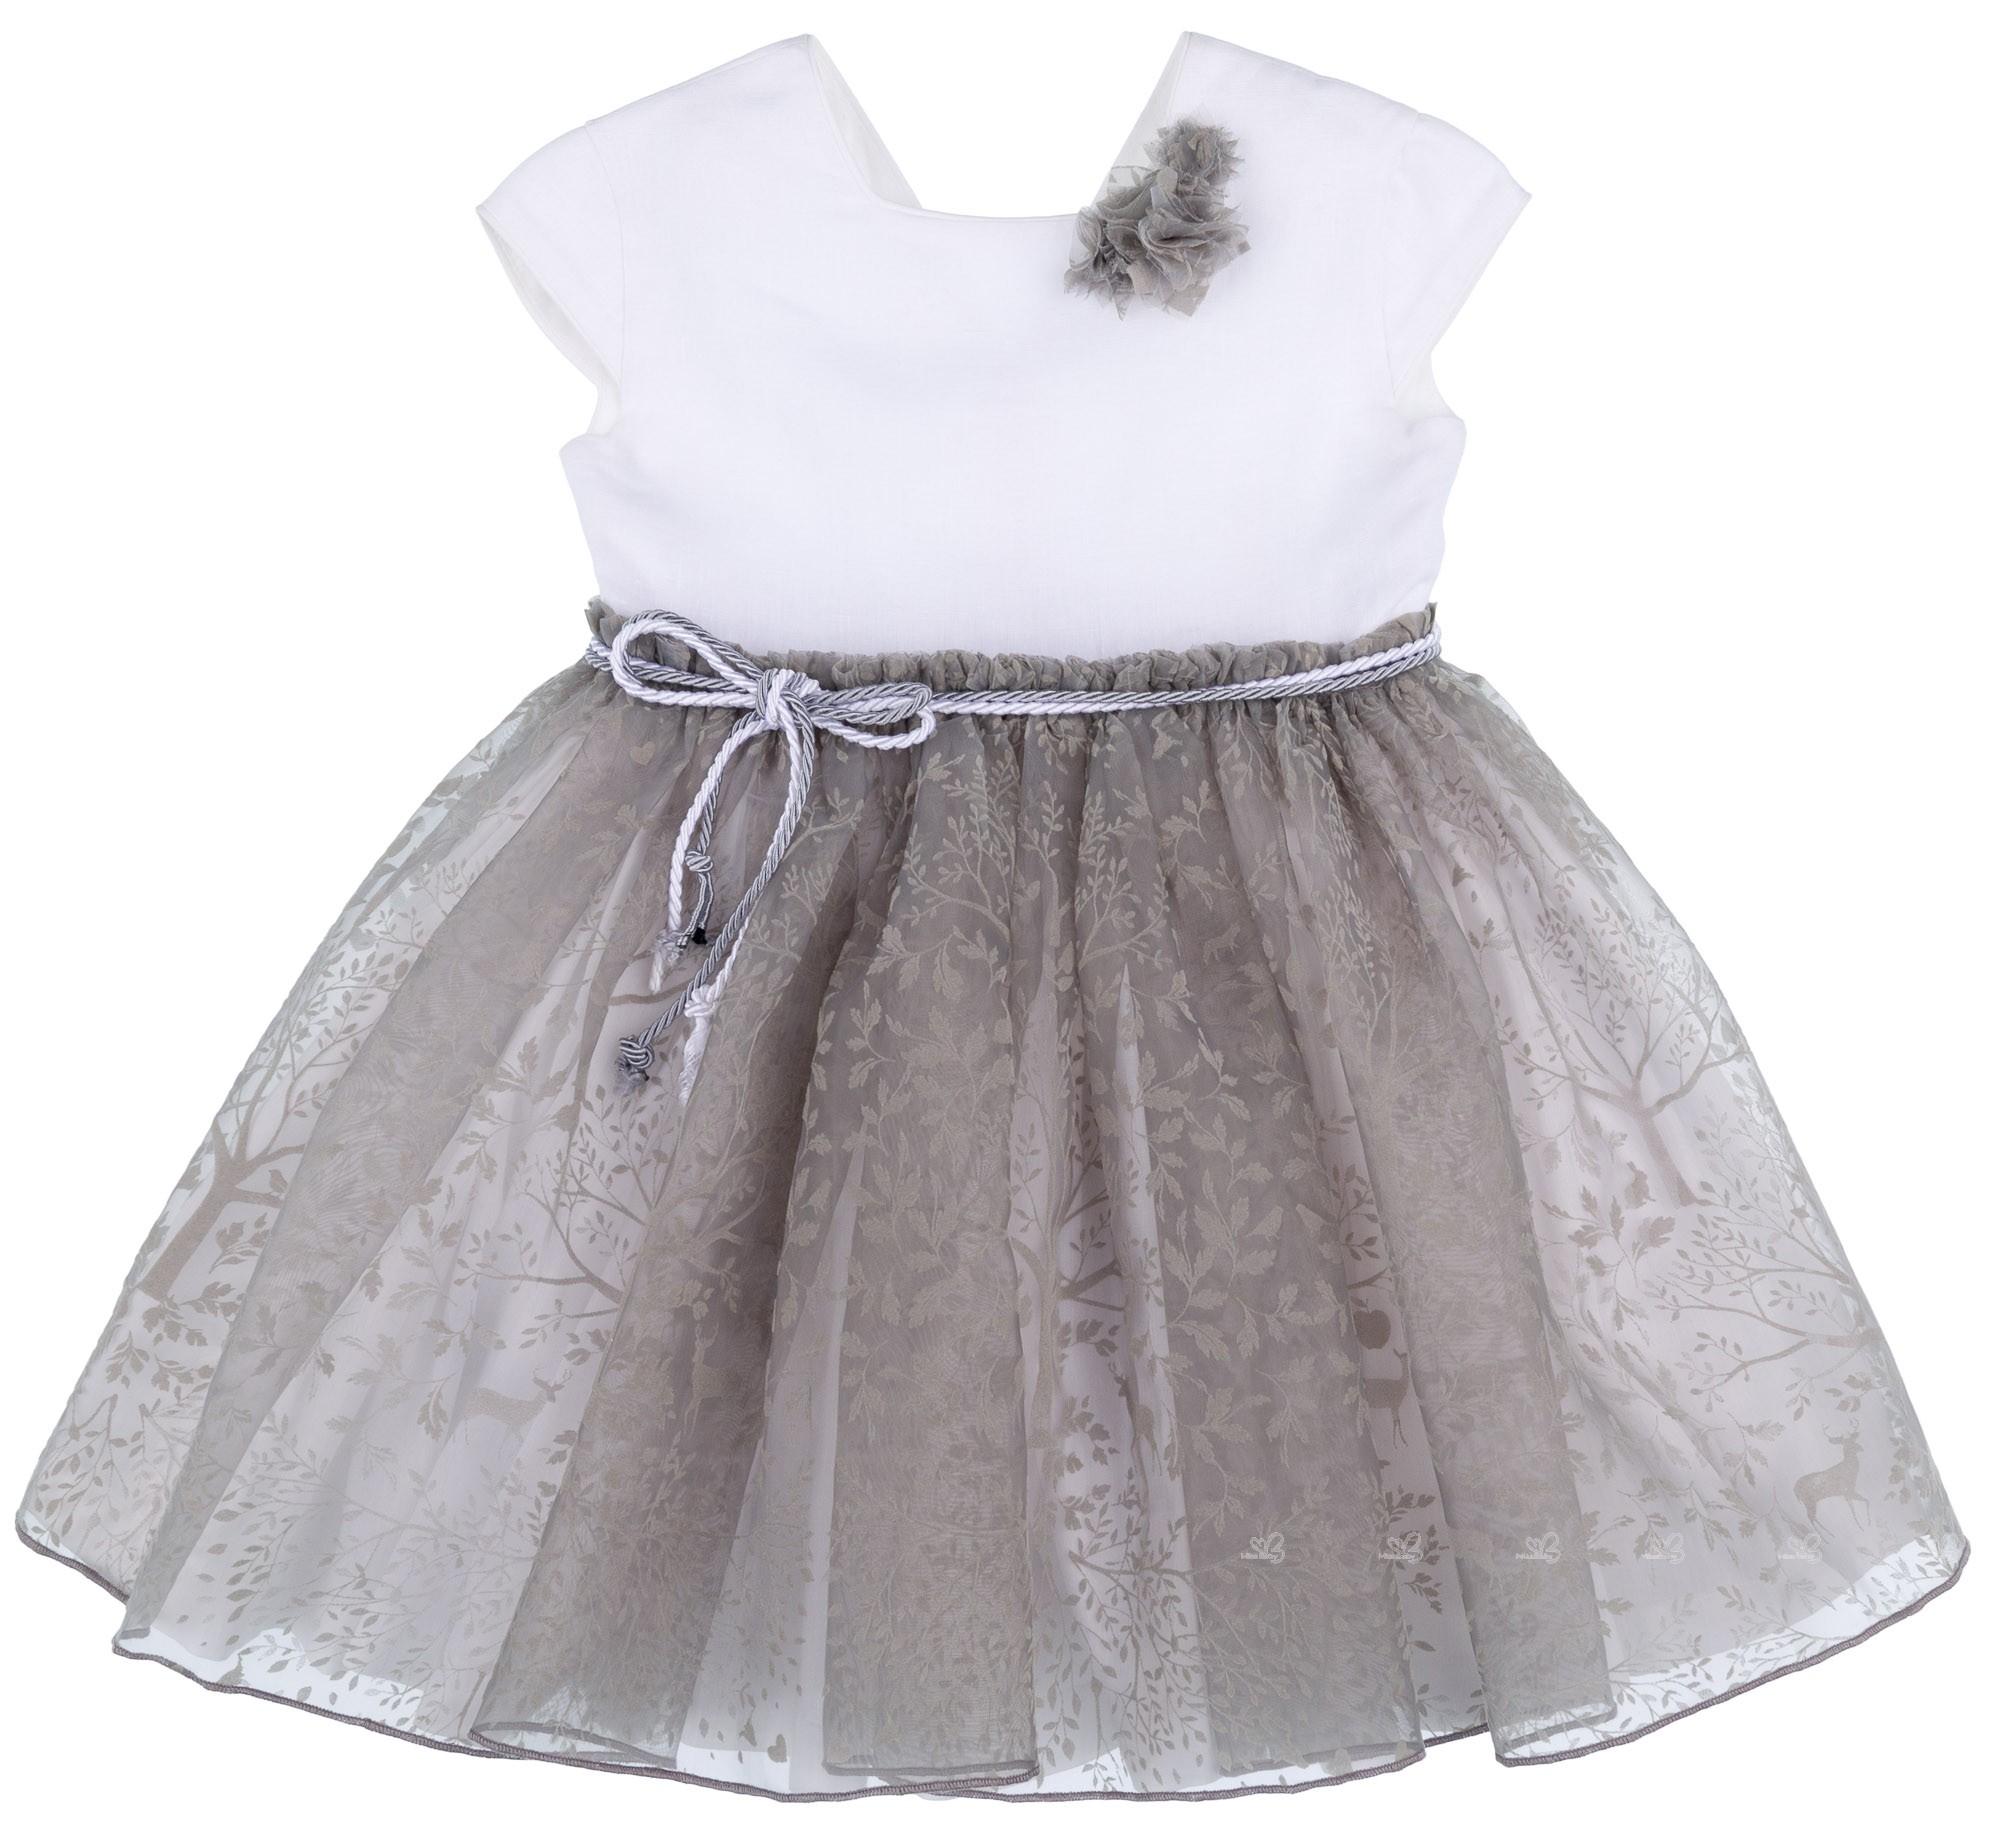 daa051e9a Manuela Montero Vestido Niña Aina Combinado Lino Blanco   Tul Bordado Gris  ...